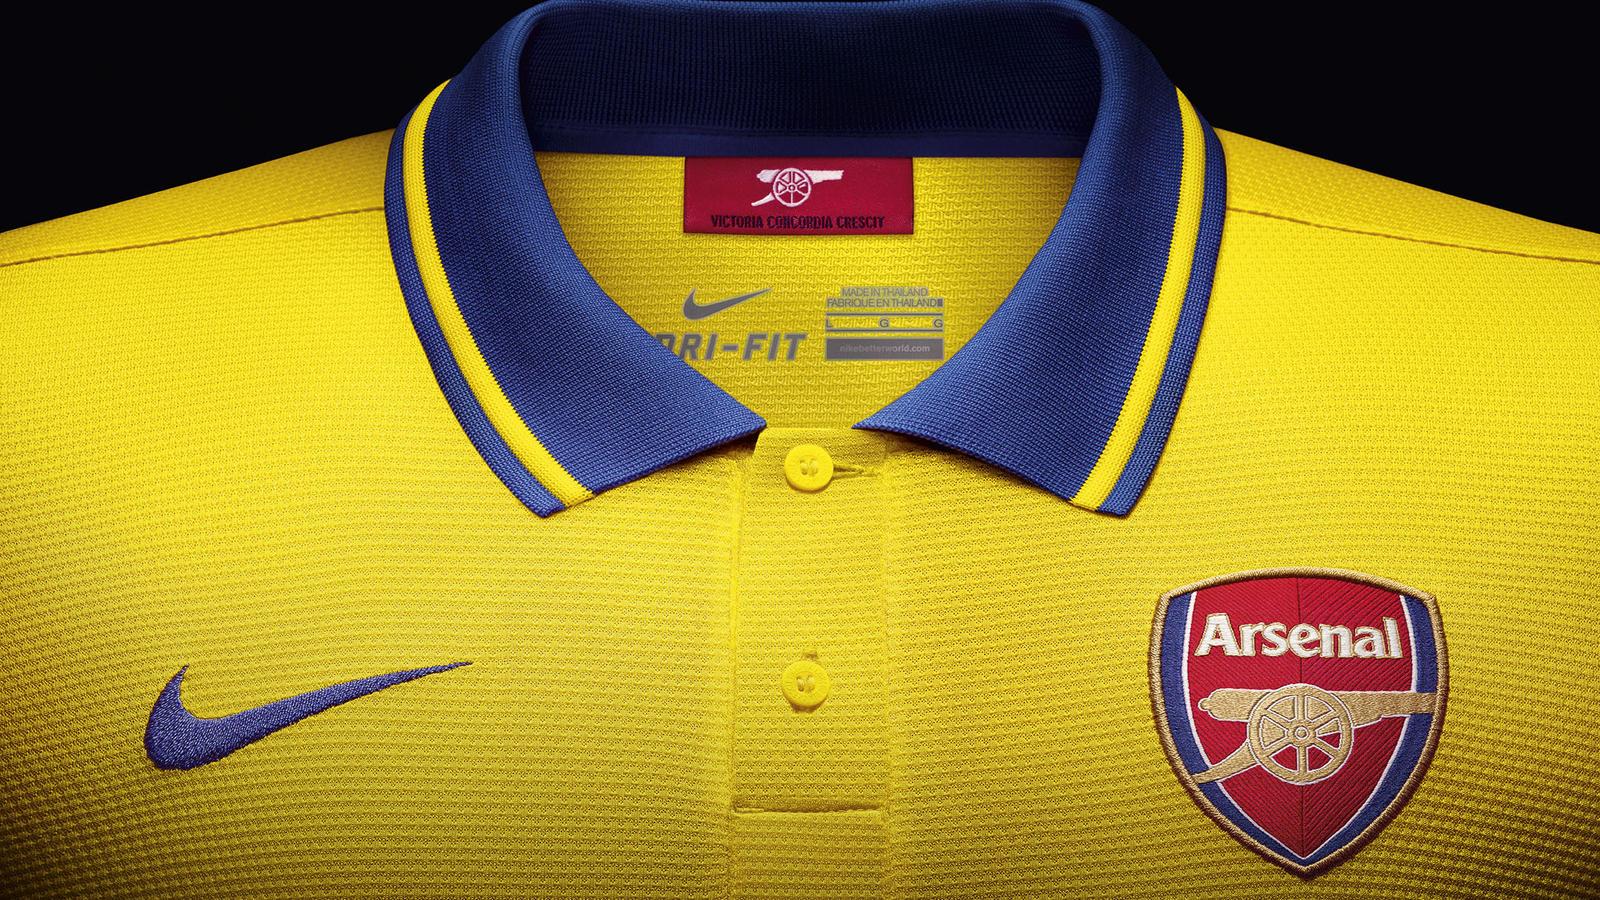 Arsenal Away Shirt 2013-14 Collar